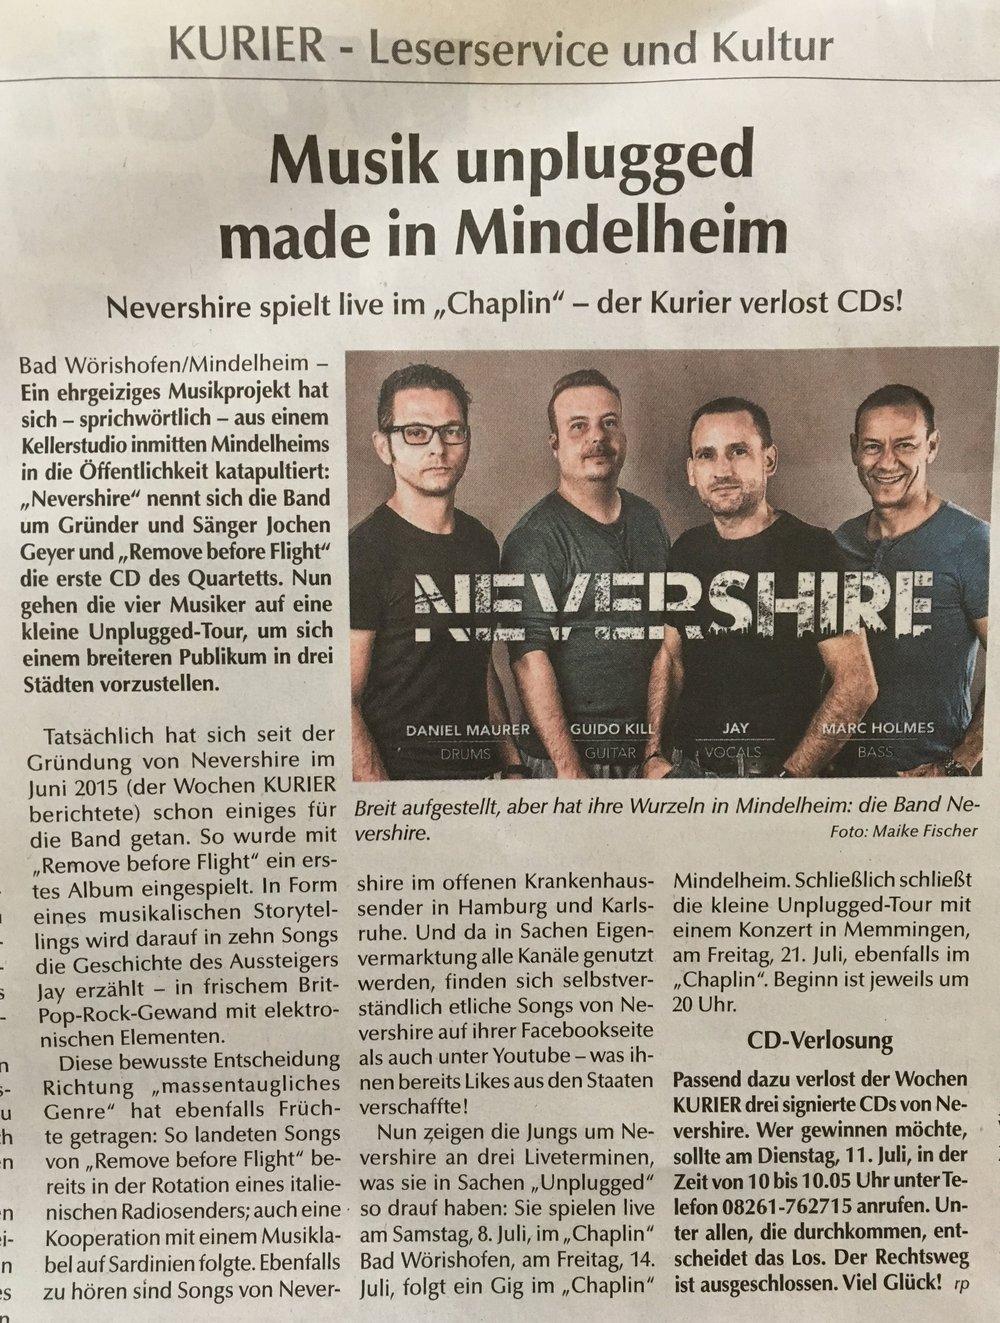 Quelle: Wochenkurier Mindelheim, Juli 2017